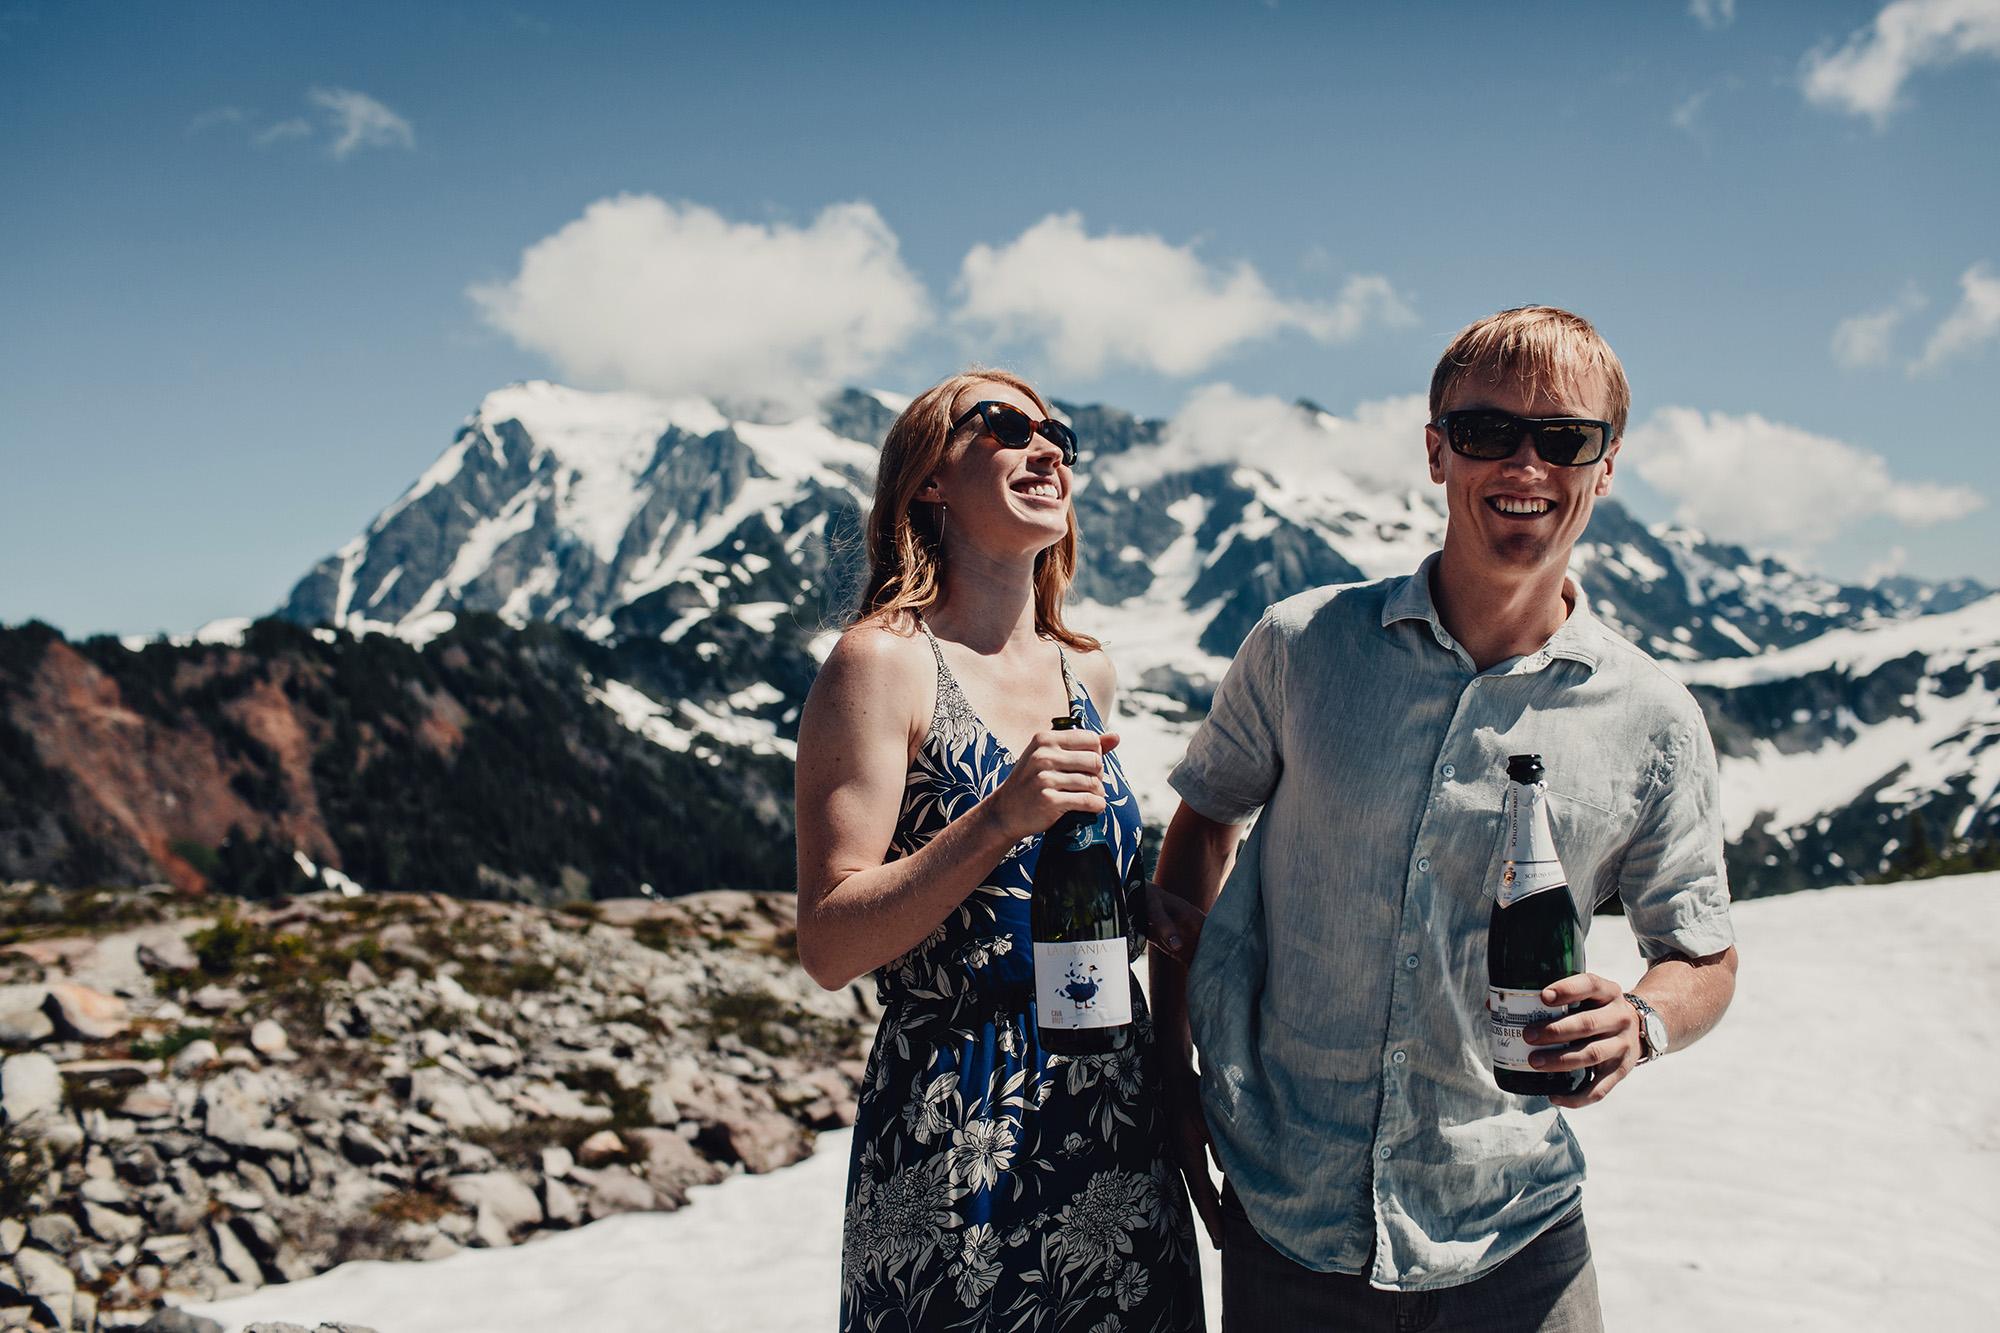 mountain-top-wedding-photos-0008.JPG